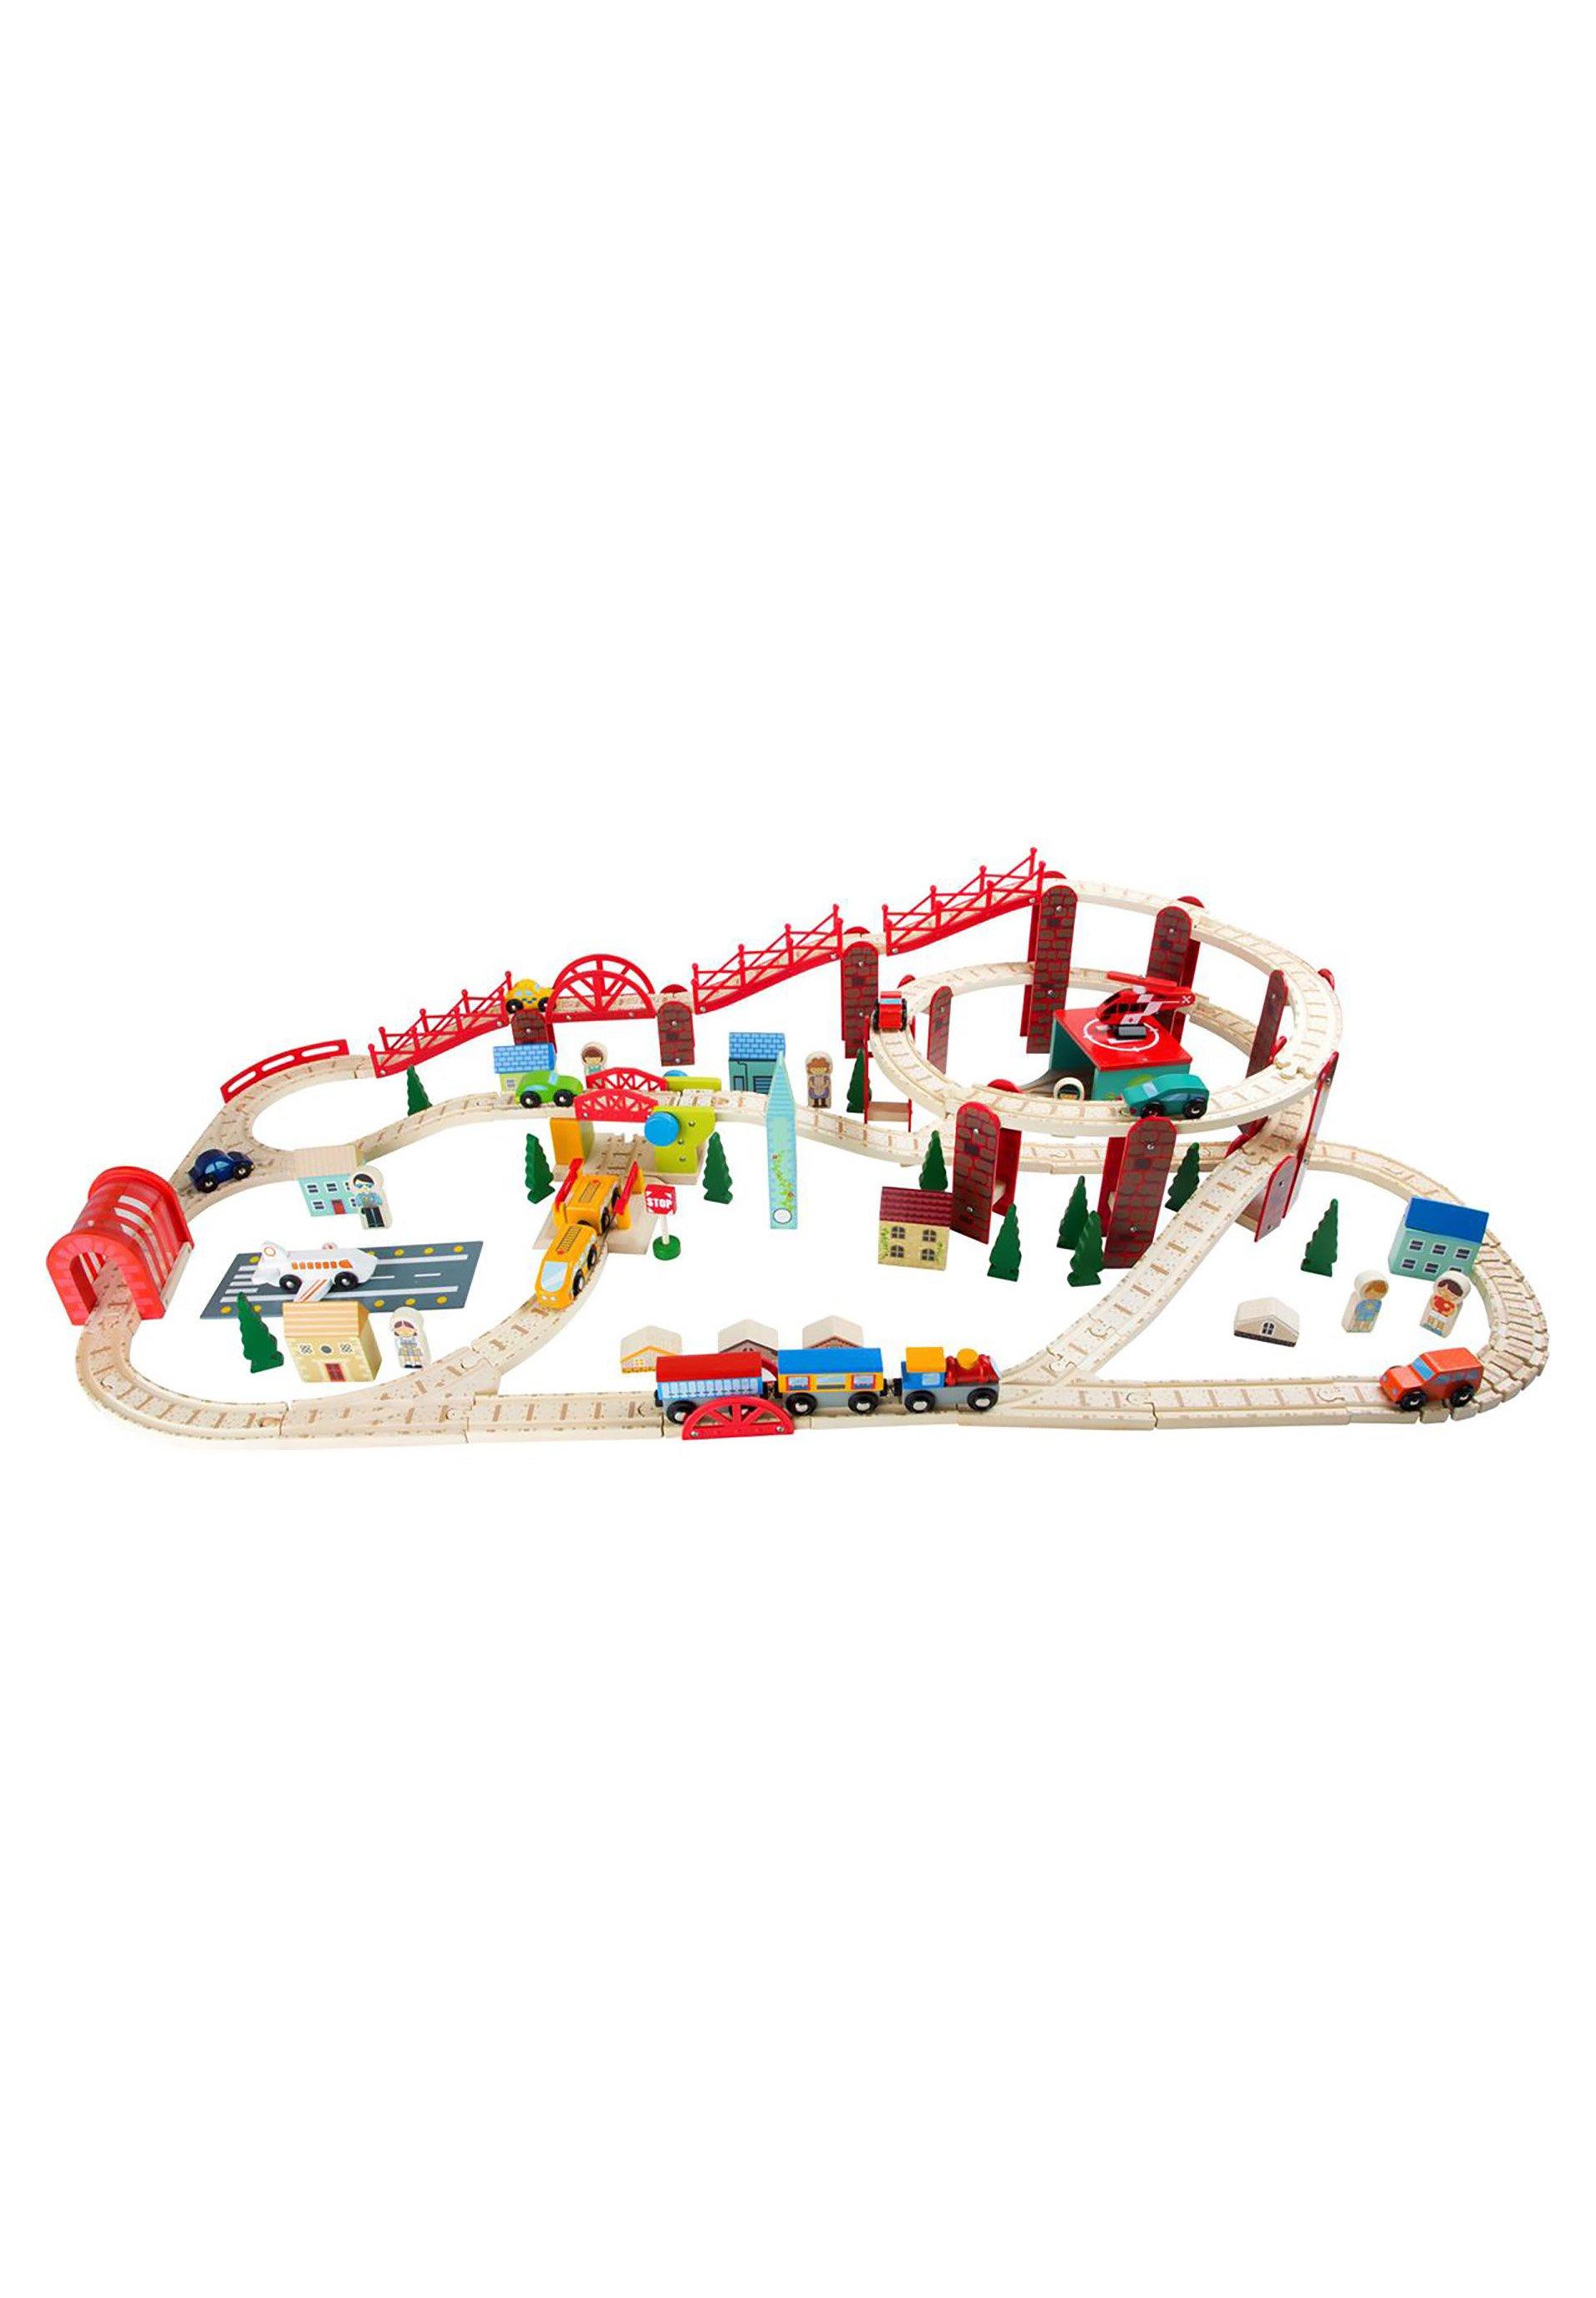 Kinder Holzeisenbahn set Meine Stadt - Spielzeugset Züge